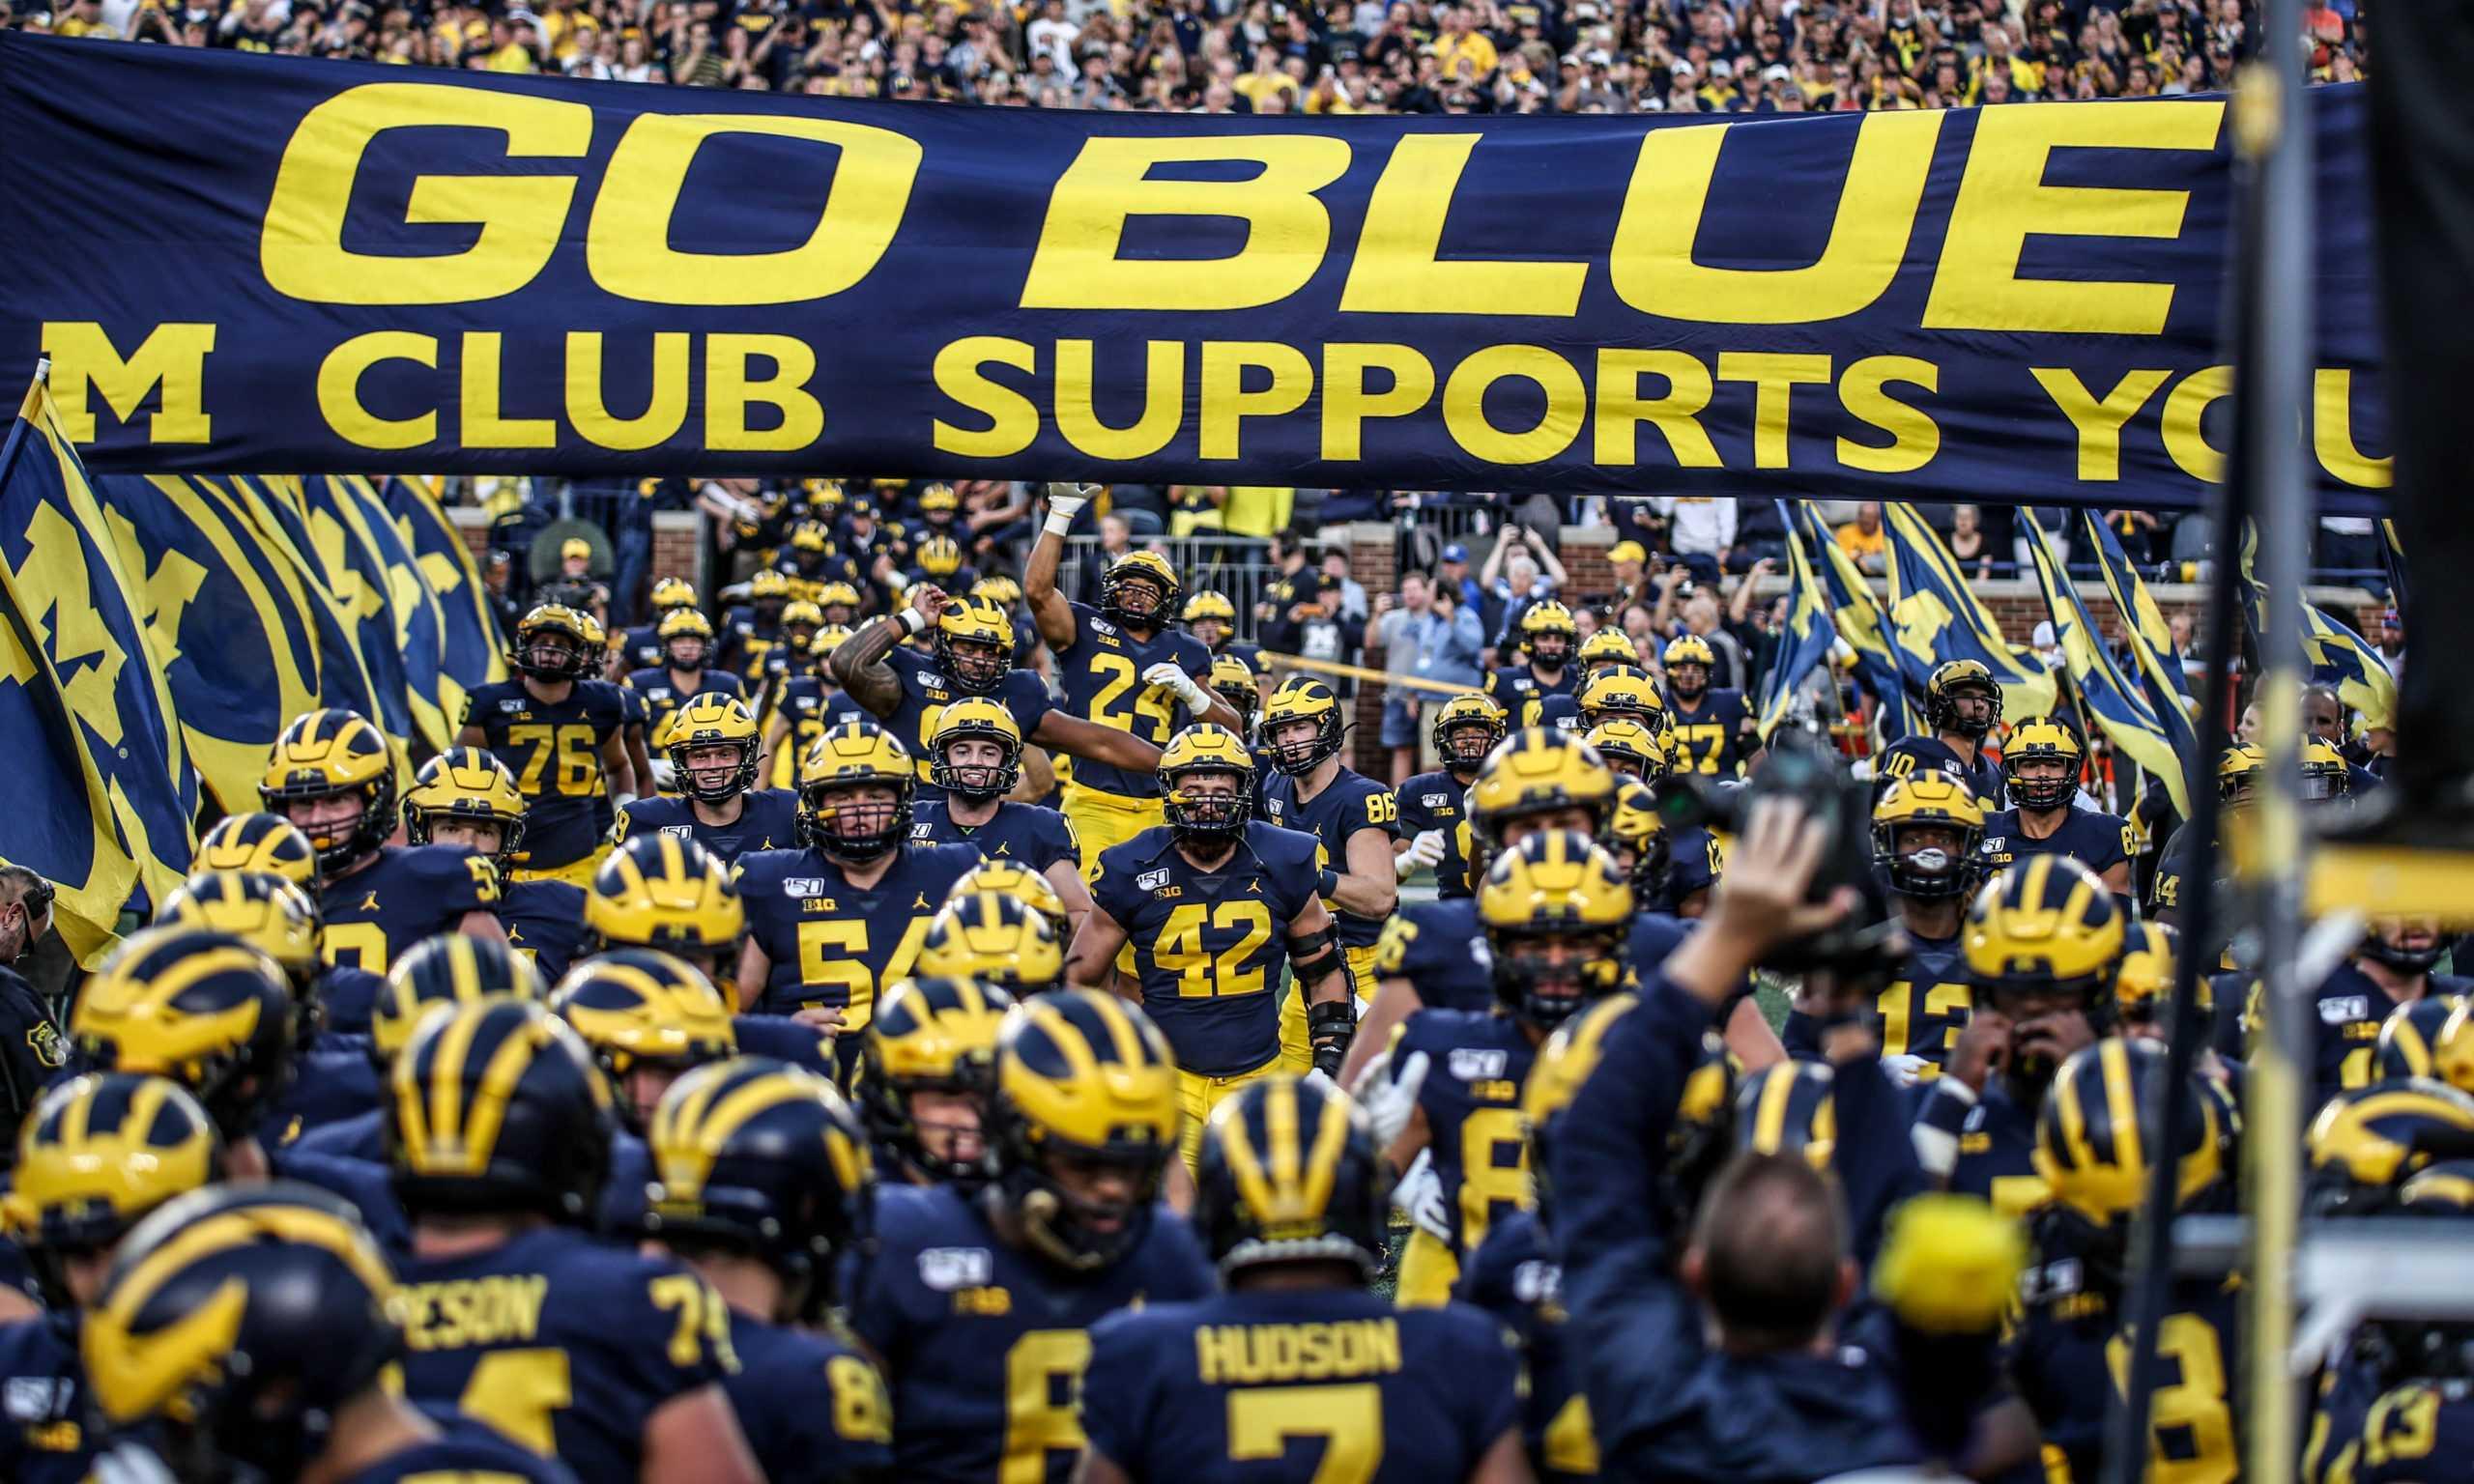 Michigan Football: An Utter Embarrassment